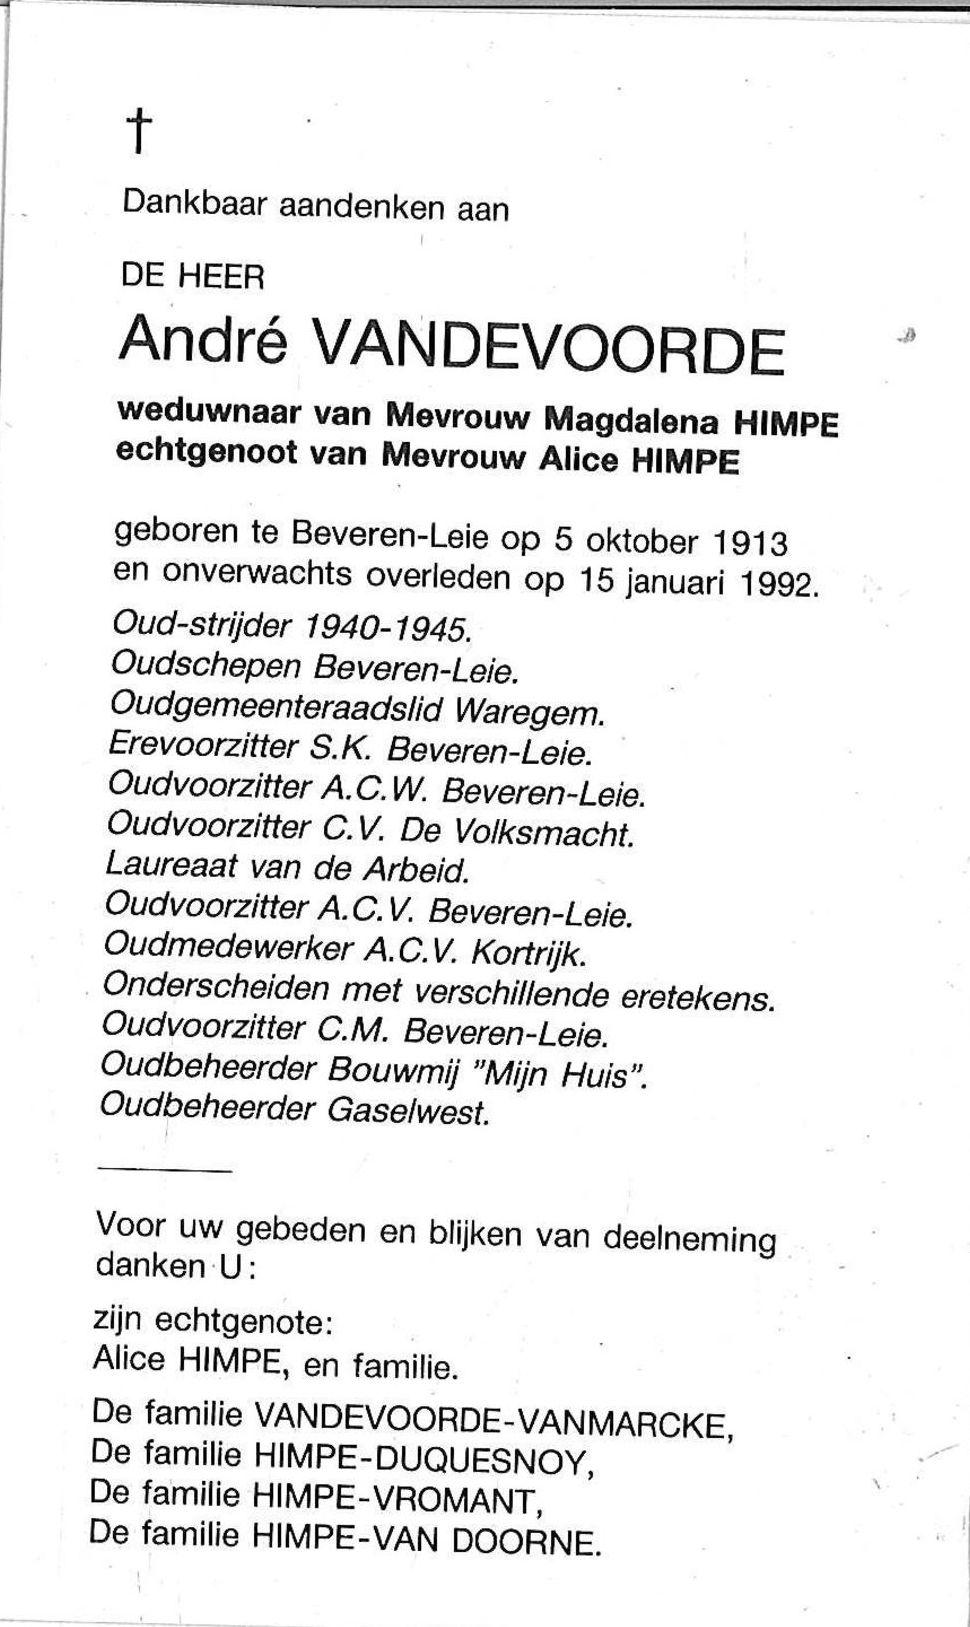 André Vandevoorde